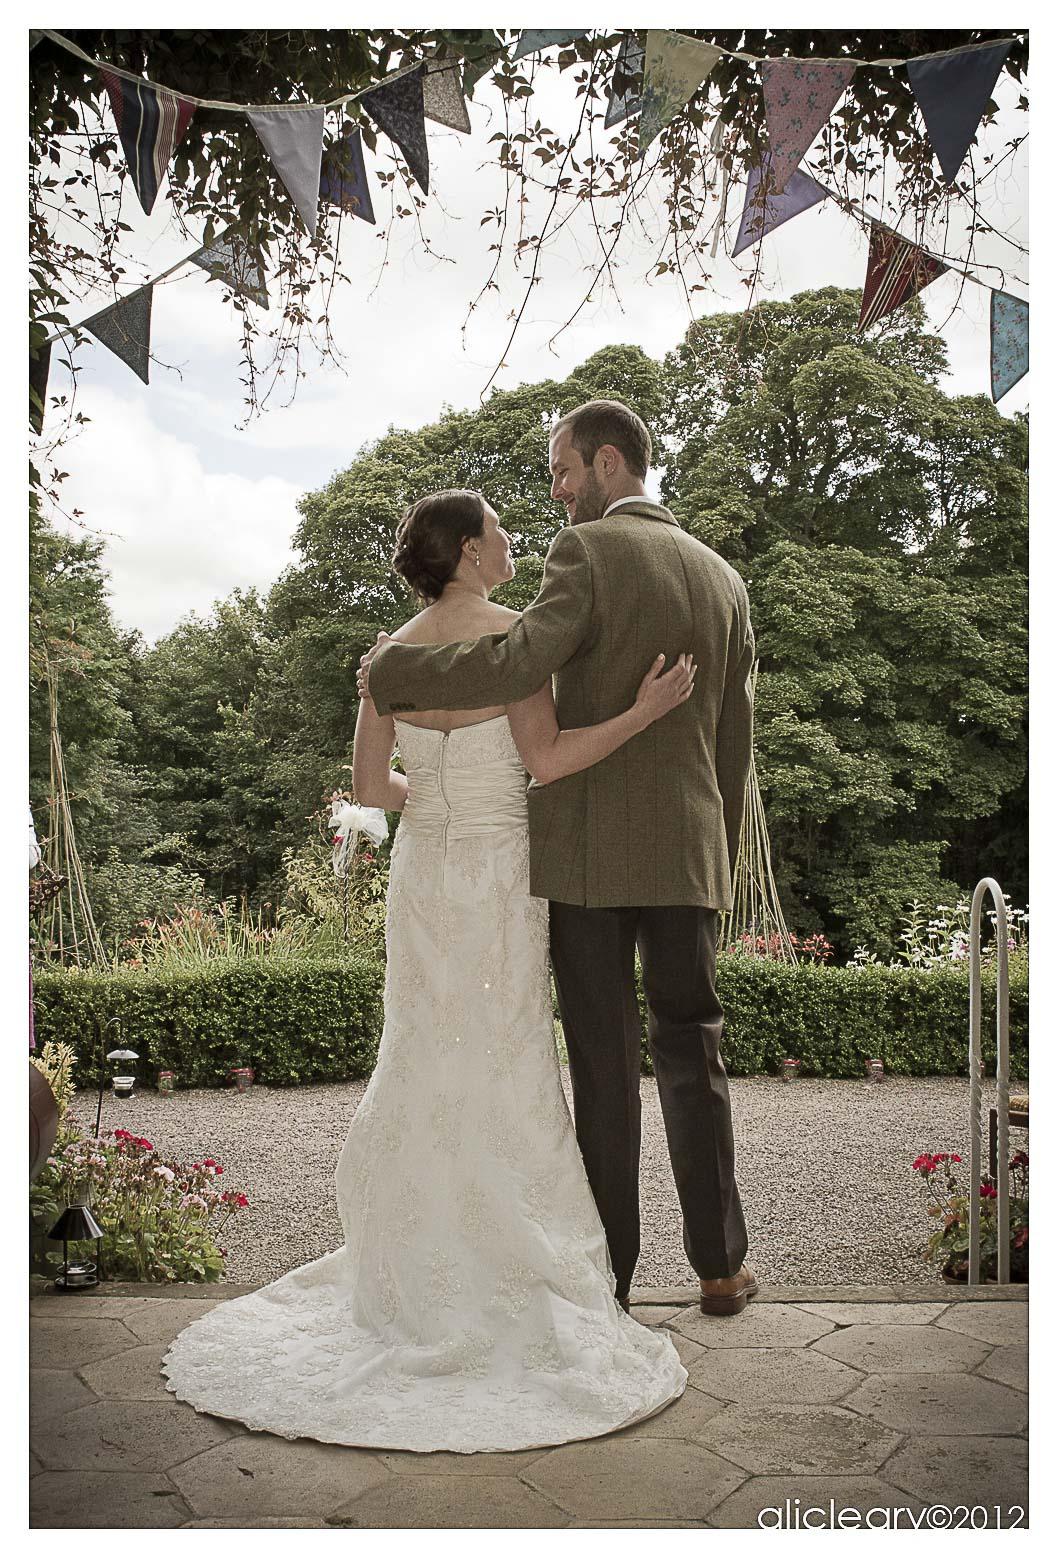 wedding _43.jpg